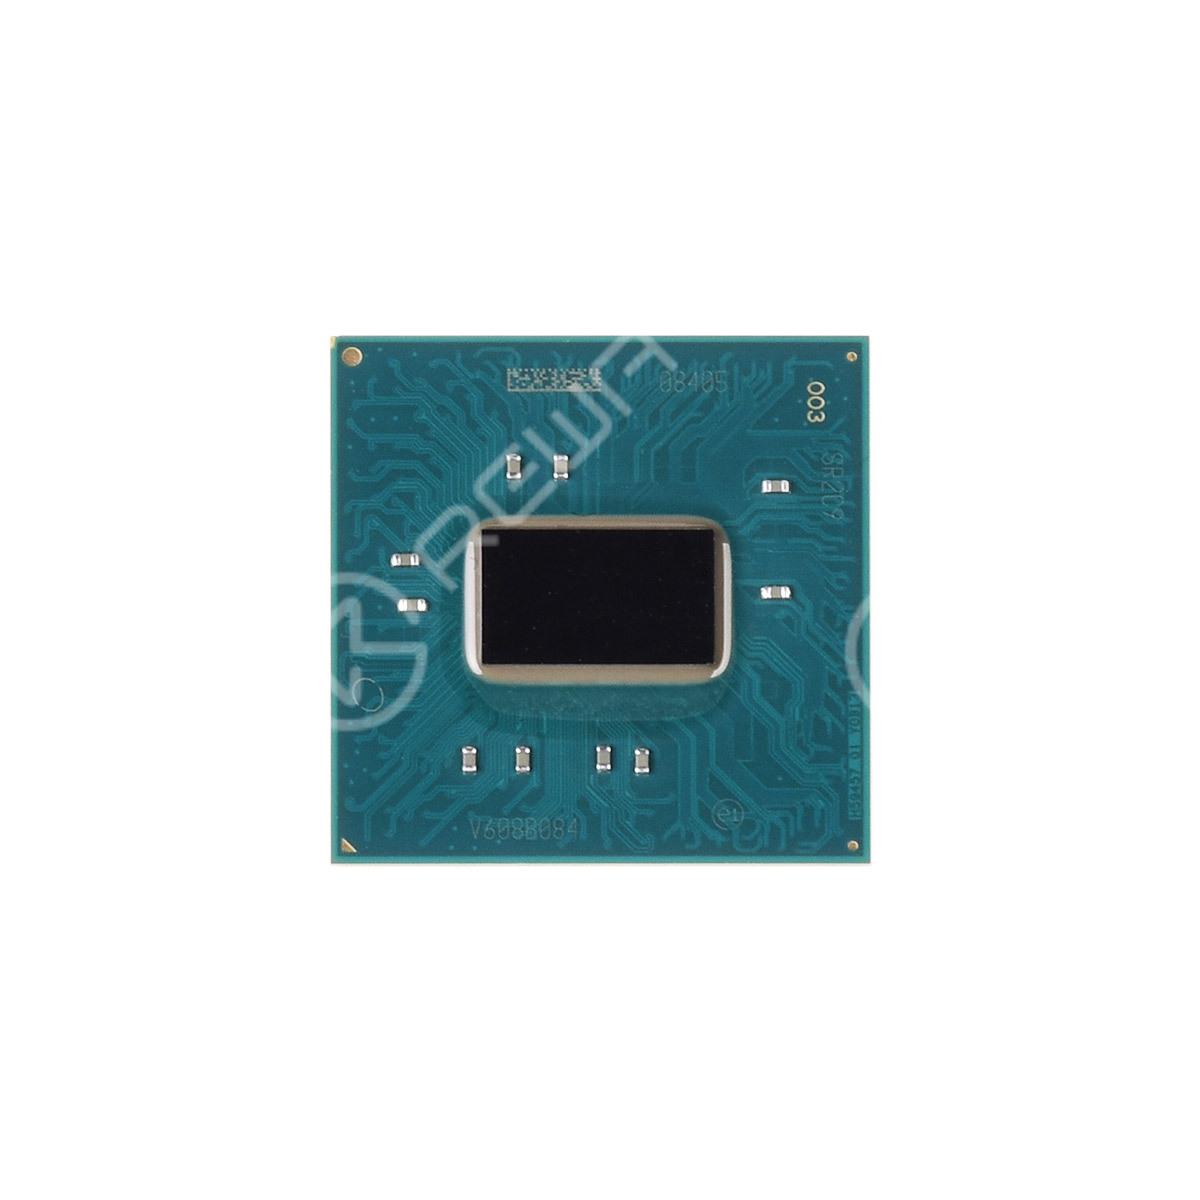 BGA Chip GL82H170 SR2C9